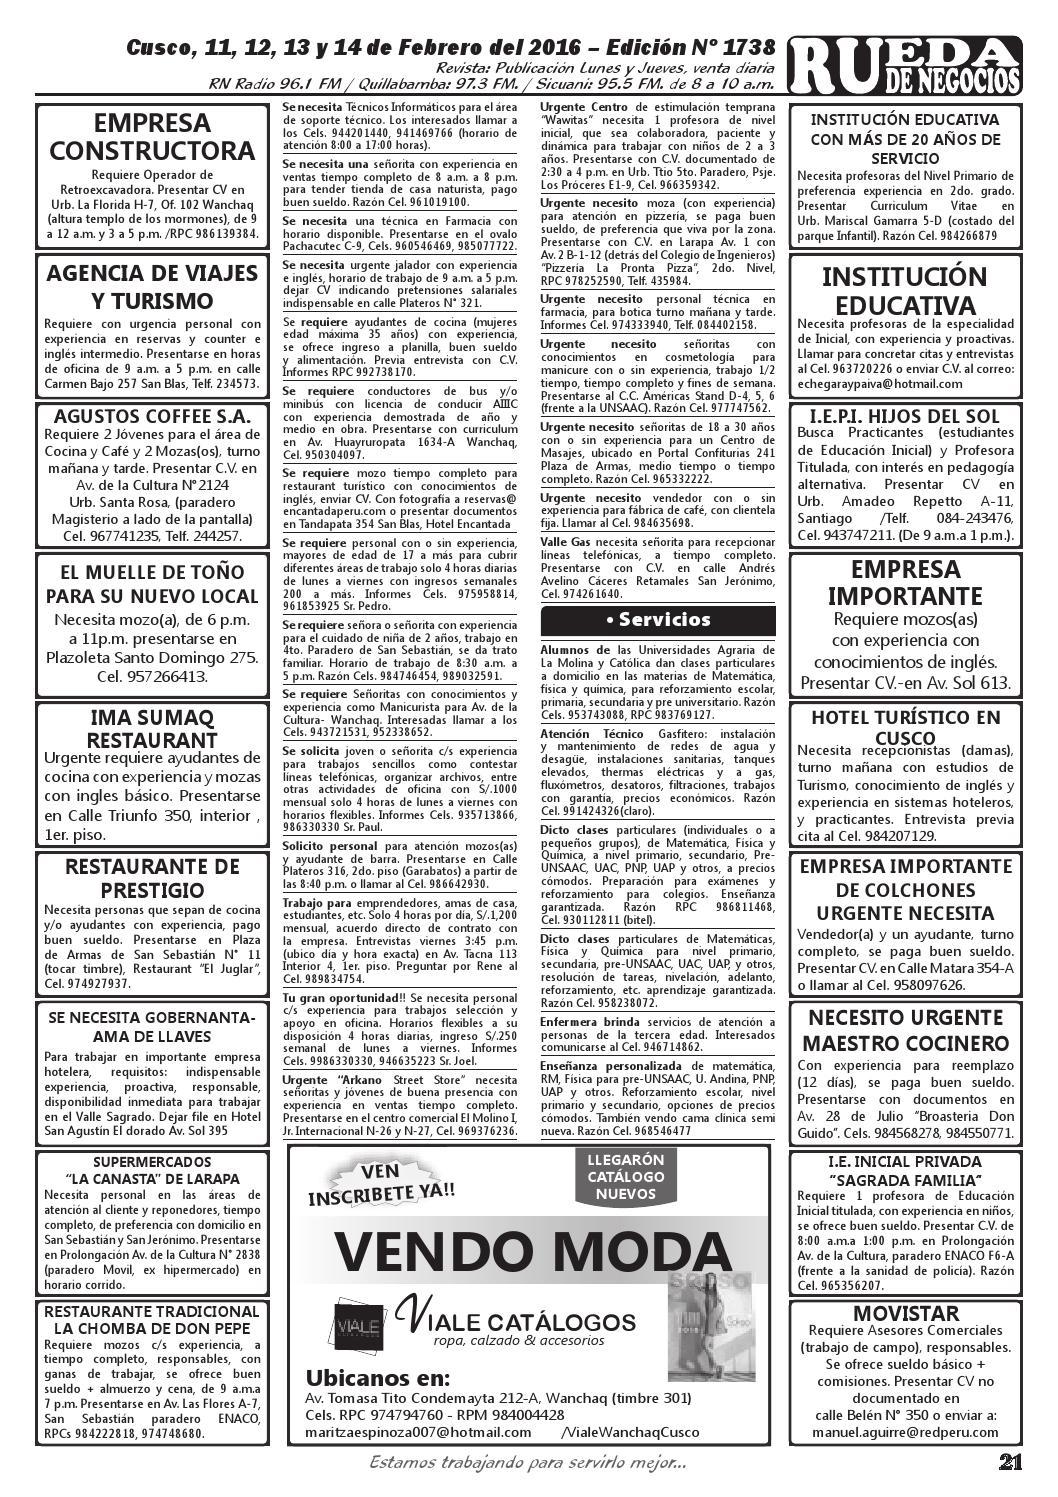 Edición 1738 by Rueda de Negocios - issuu